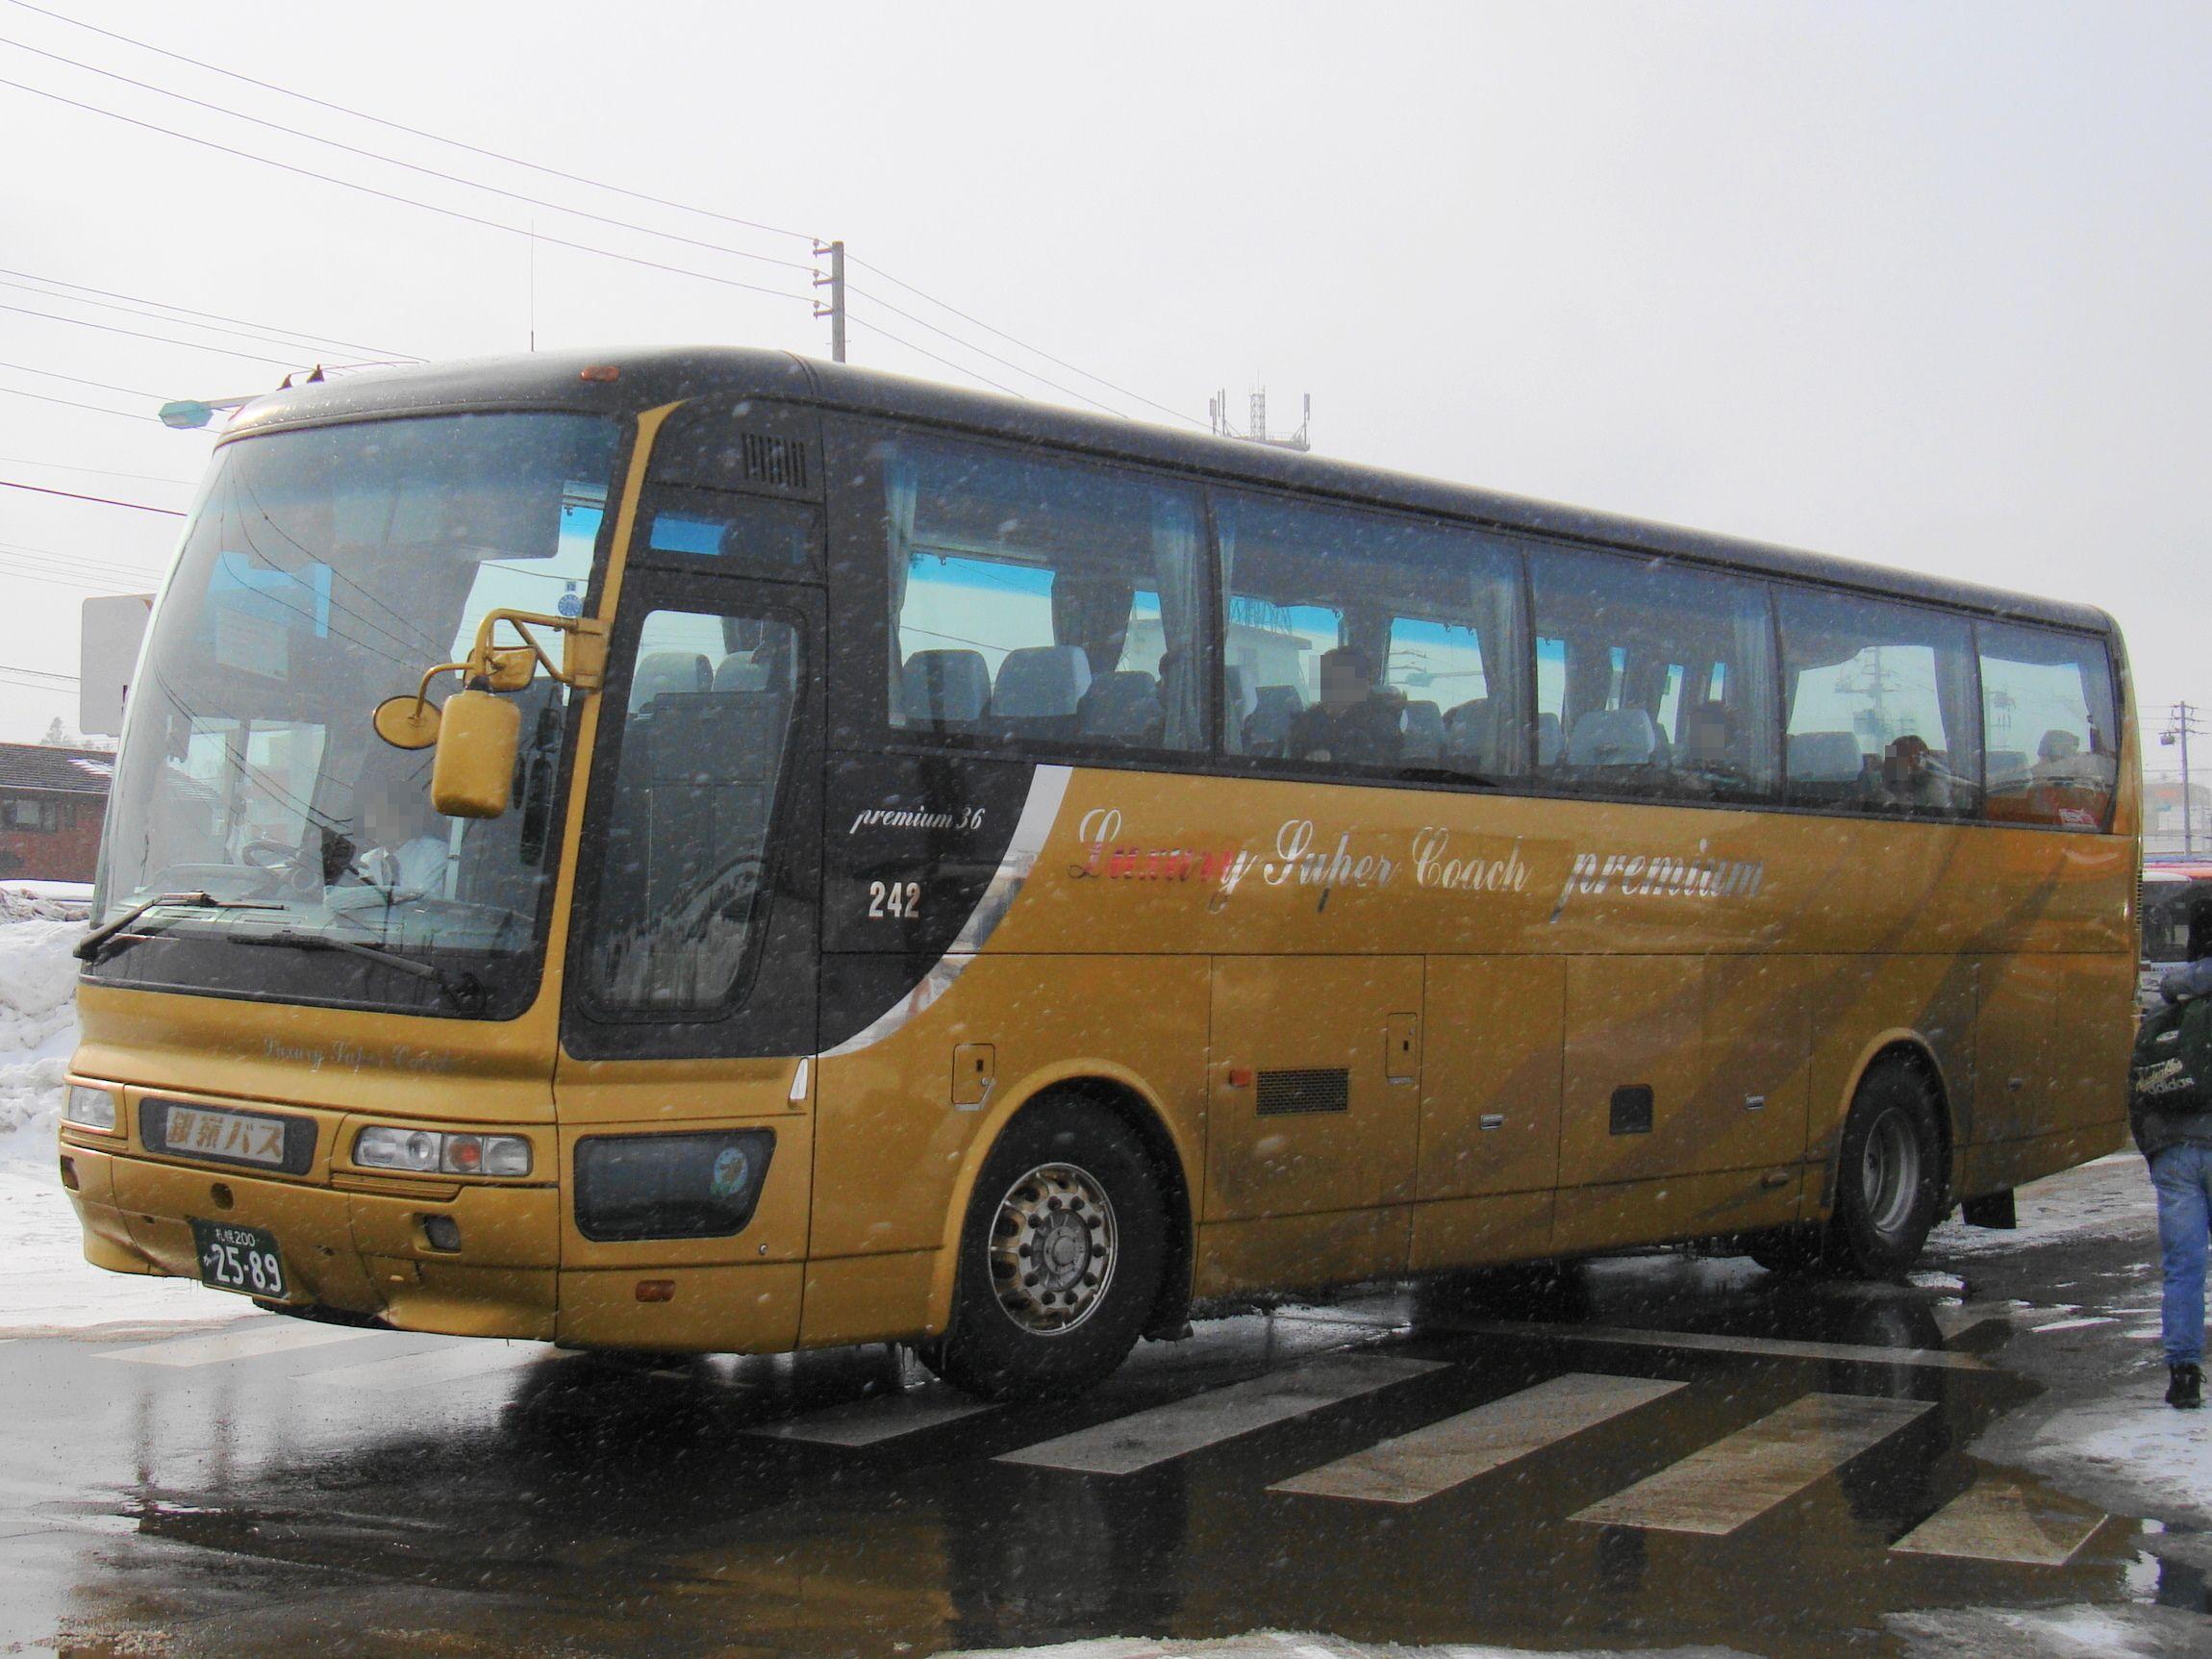 File:Ginrei bus S200F 2589.JPG